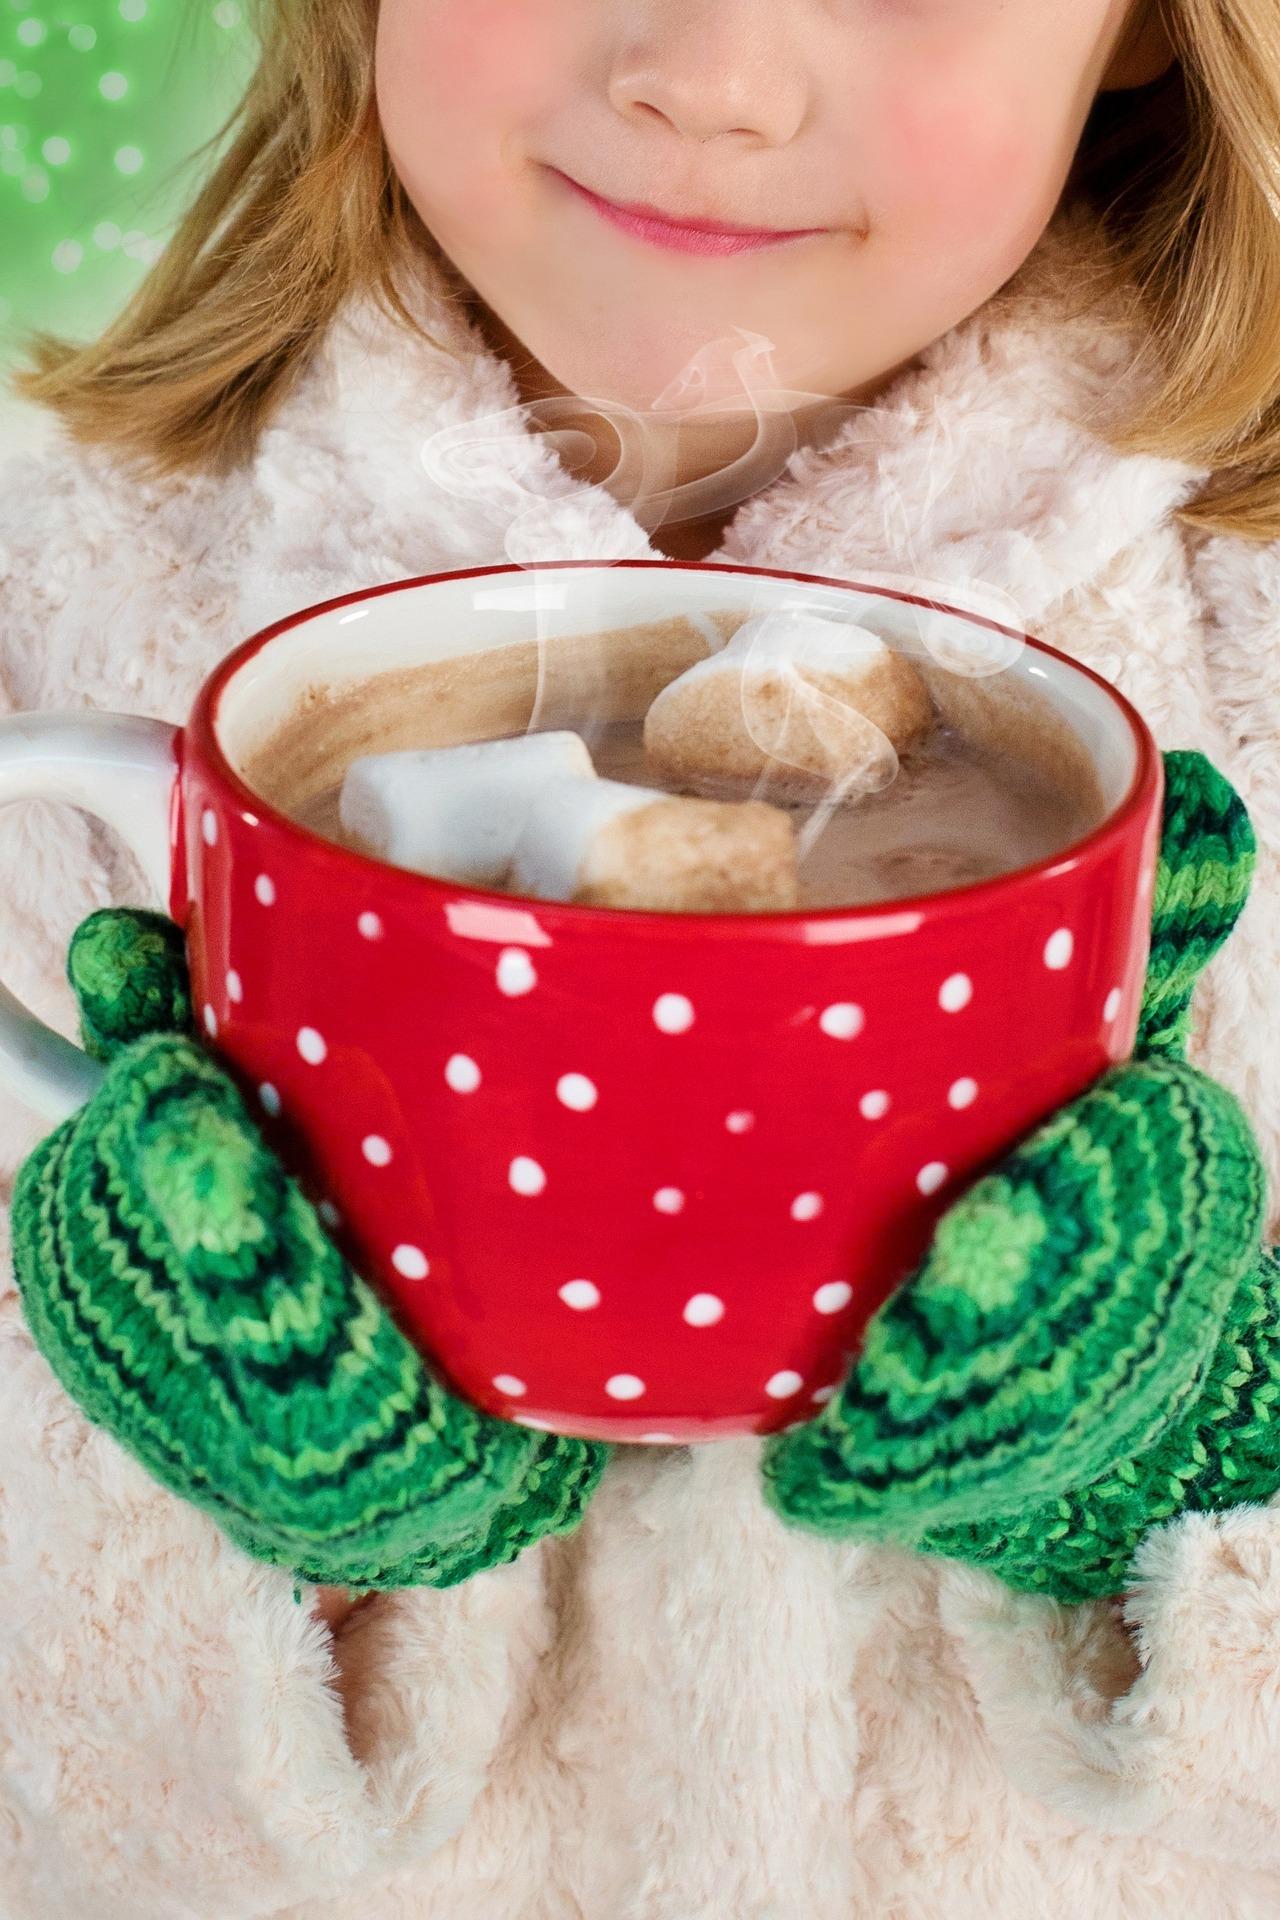 hot-chocolate-1047608_1920.jpg